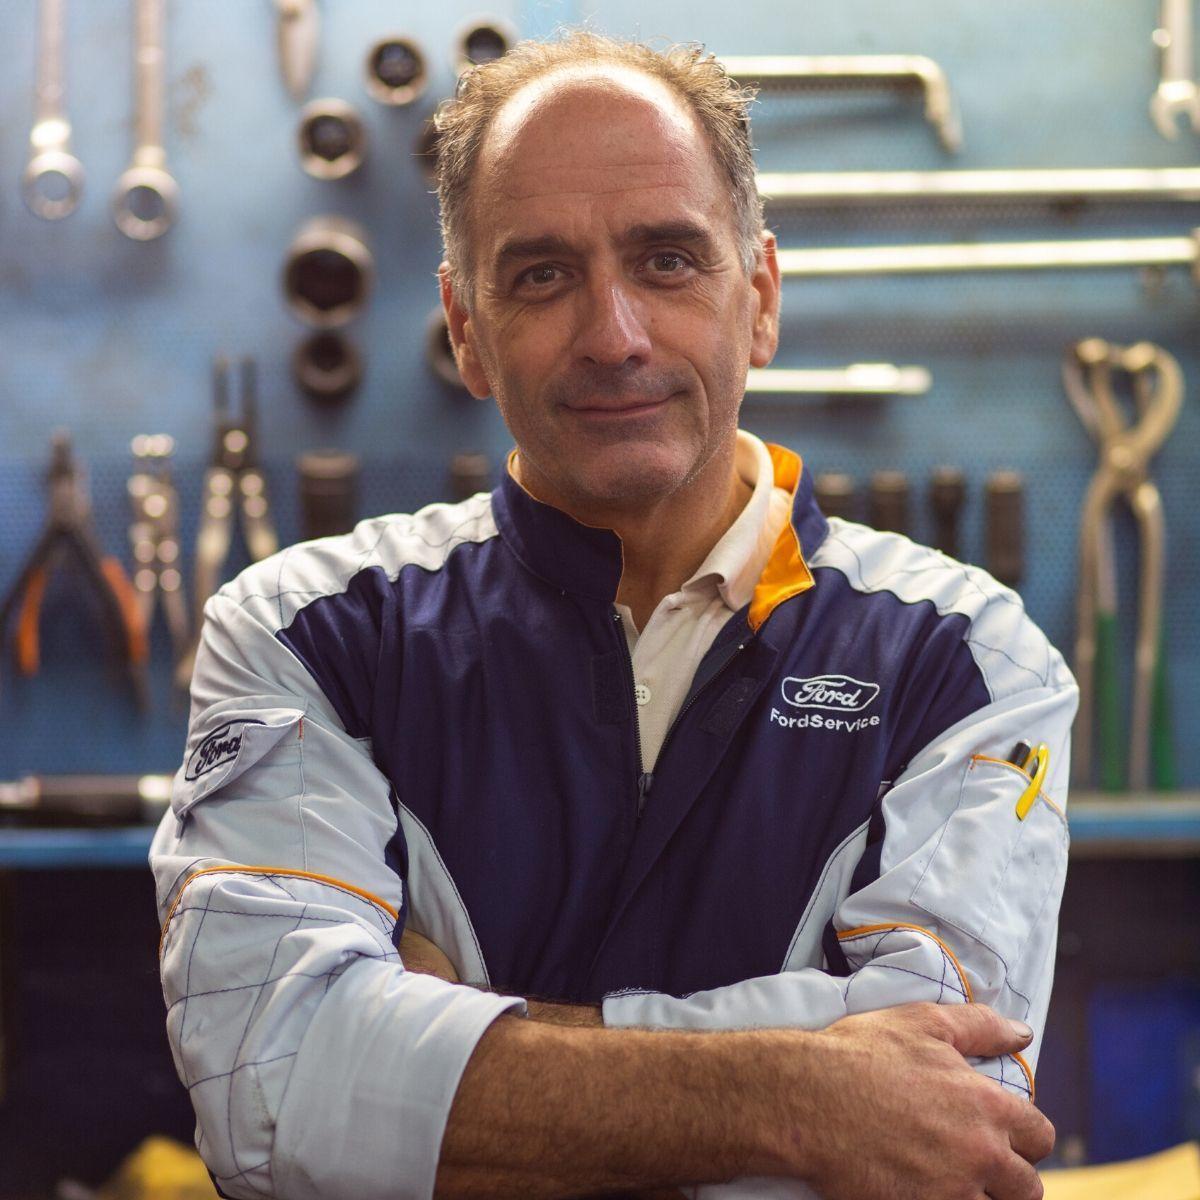 Corrado Finezzo